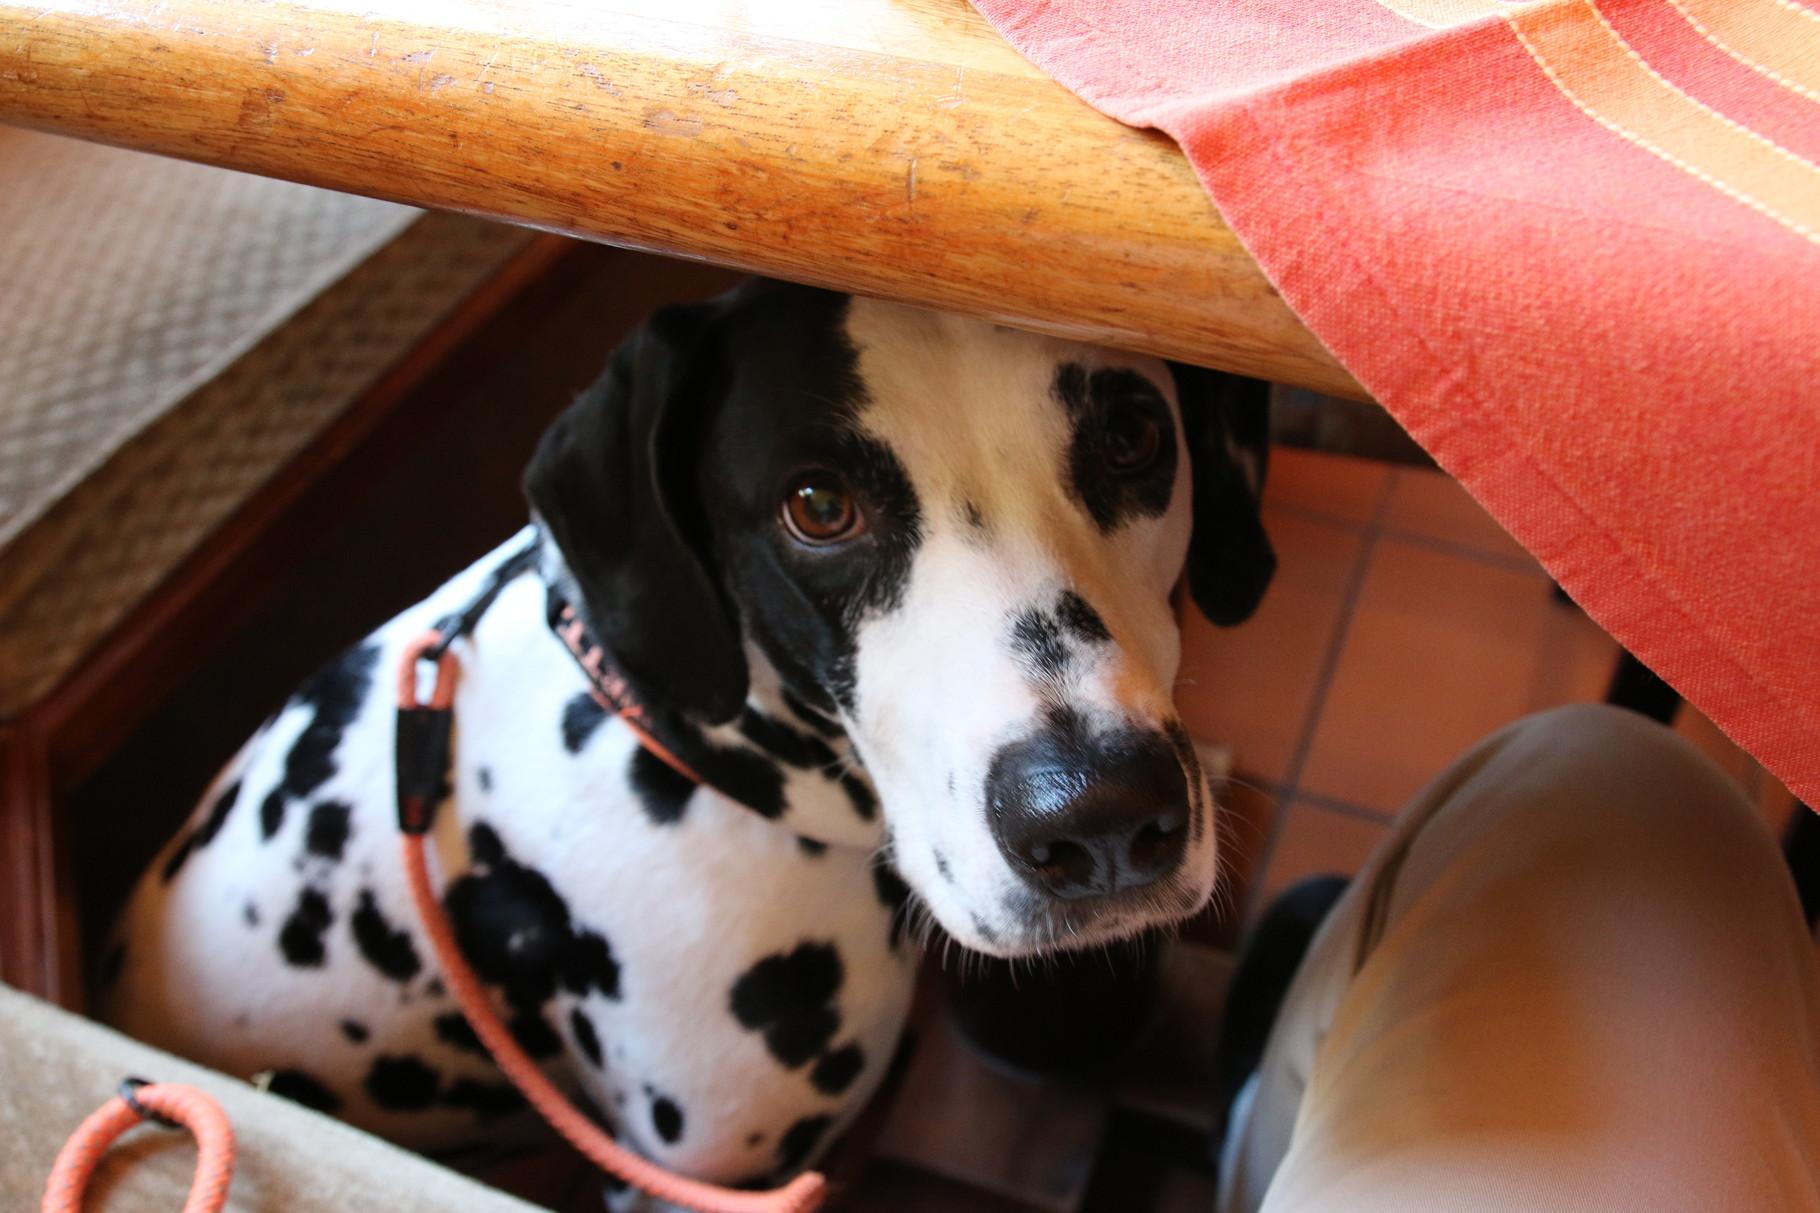 Ist das nicht gemein ... während auf dem Tisch die leckersten Sachen stehen, soll ich hier unten brav sein ...